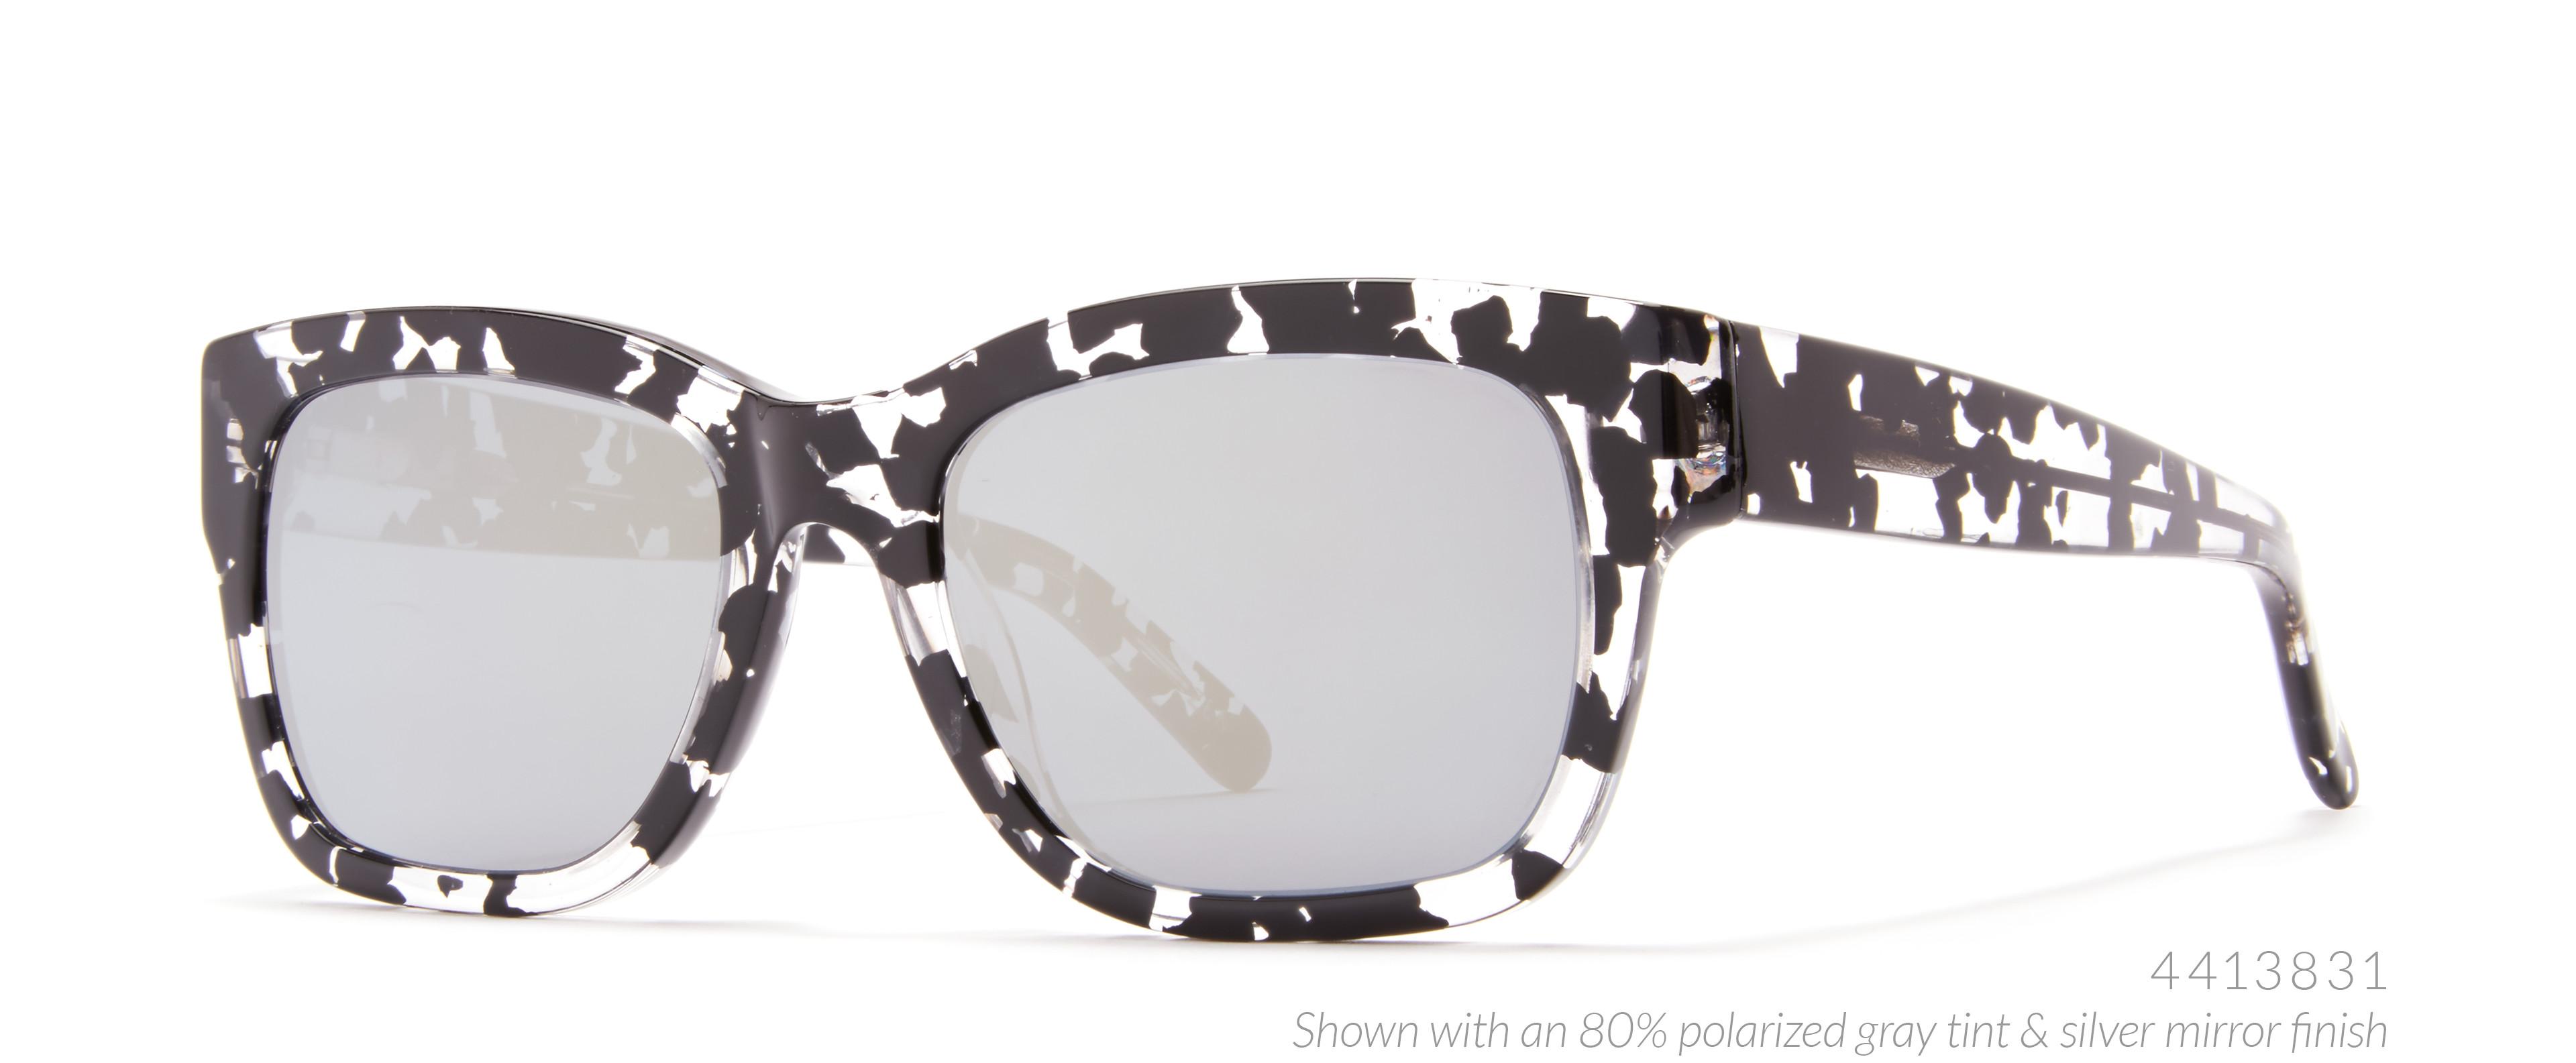 speckled black white glasses.